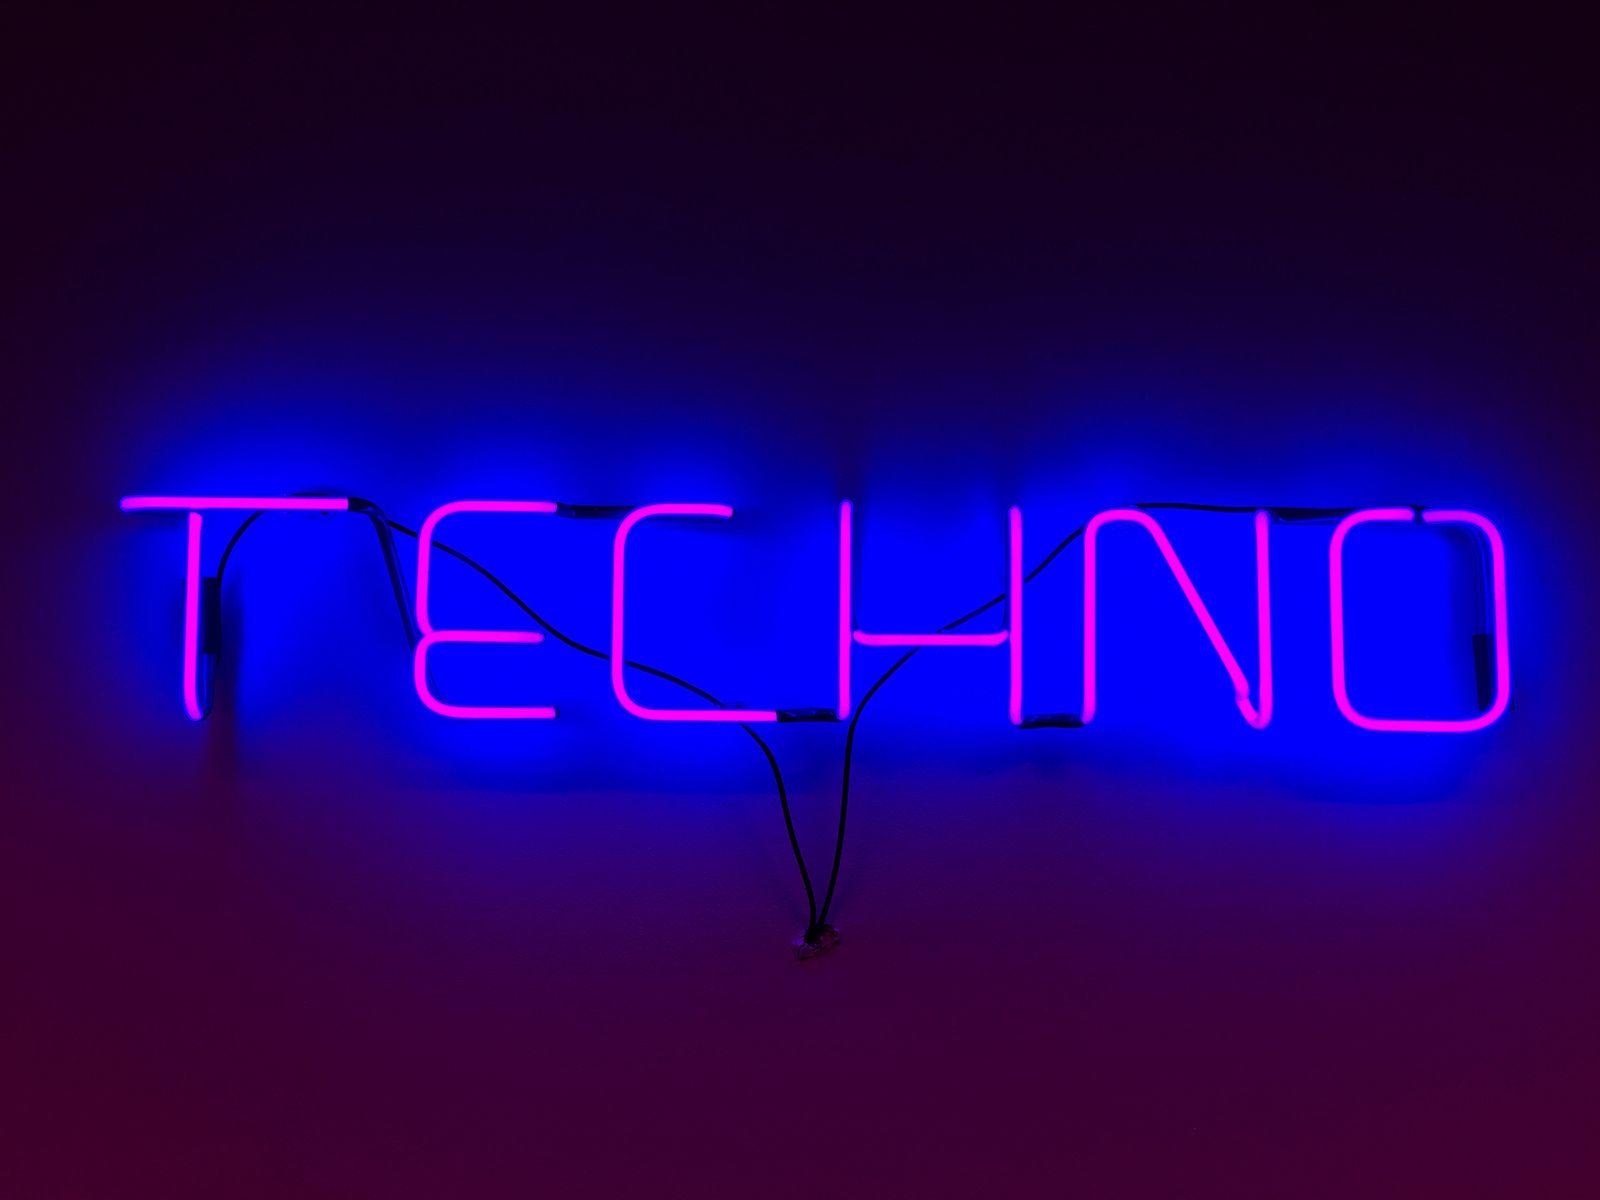 techno Neon signs, Techno, Michael